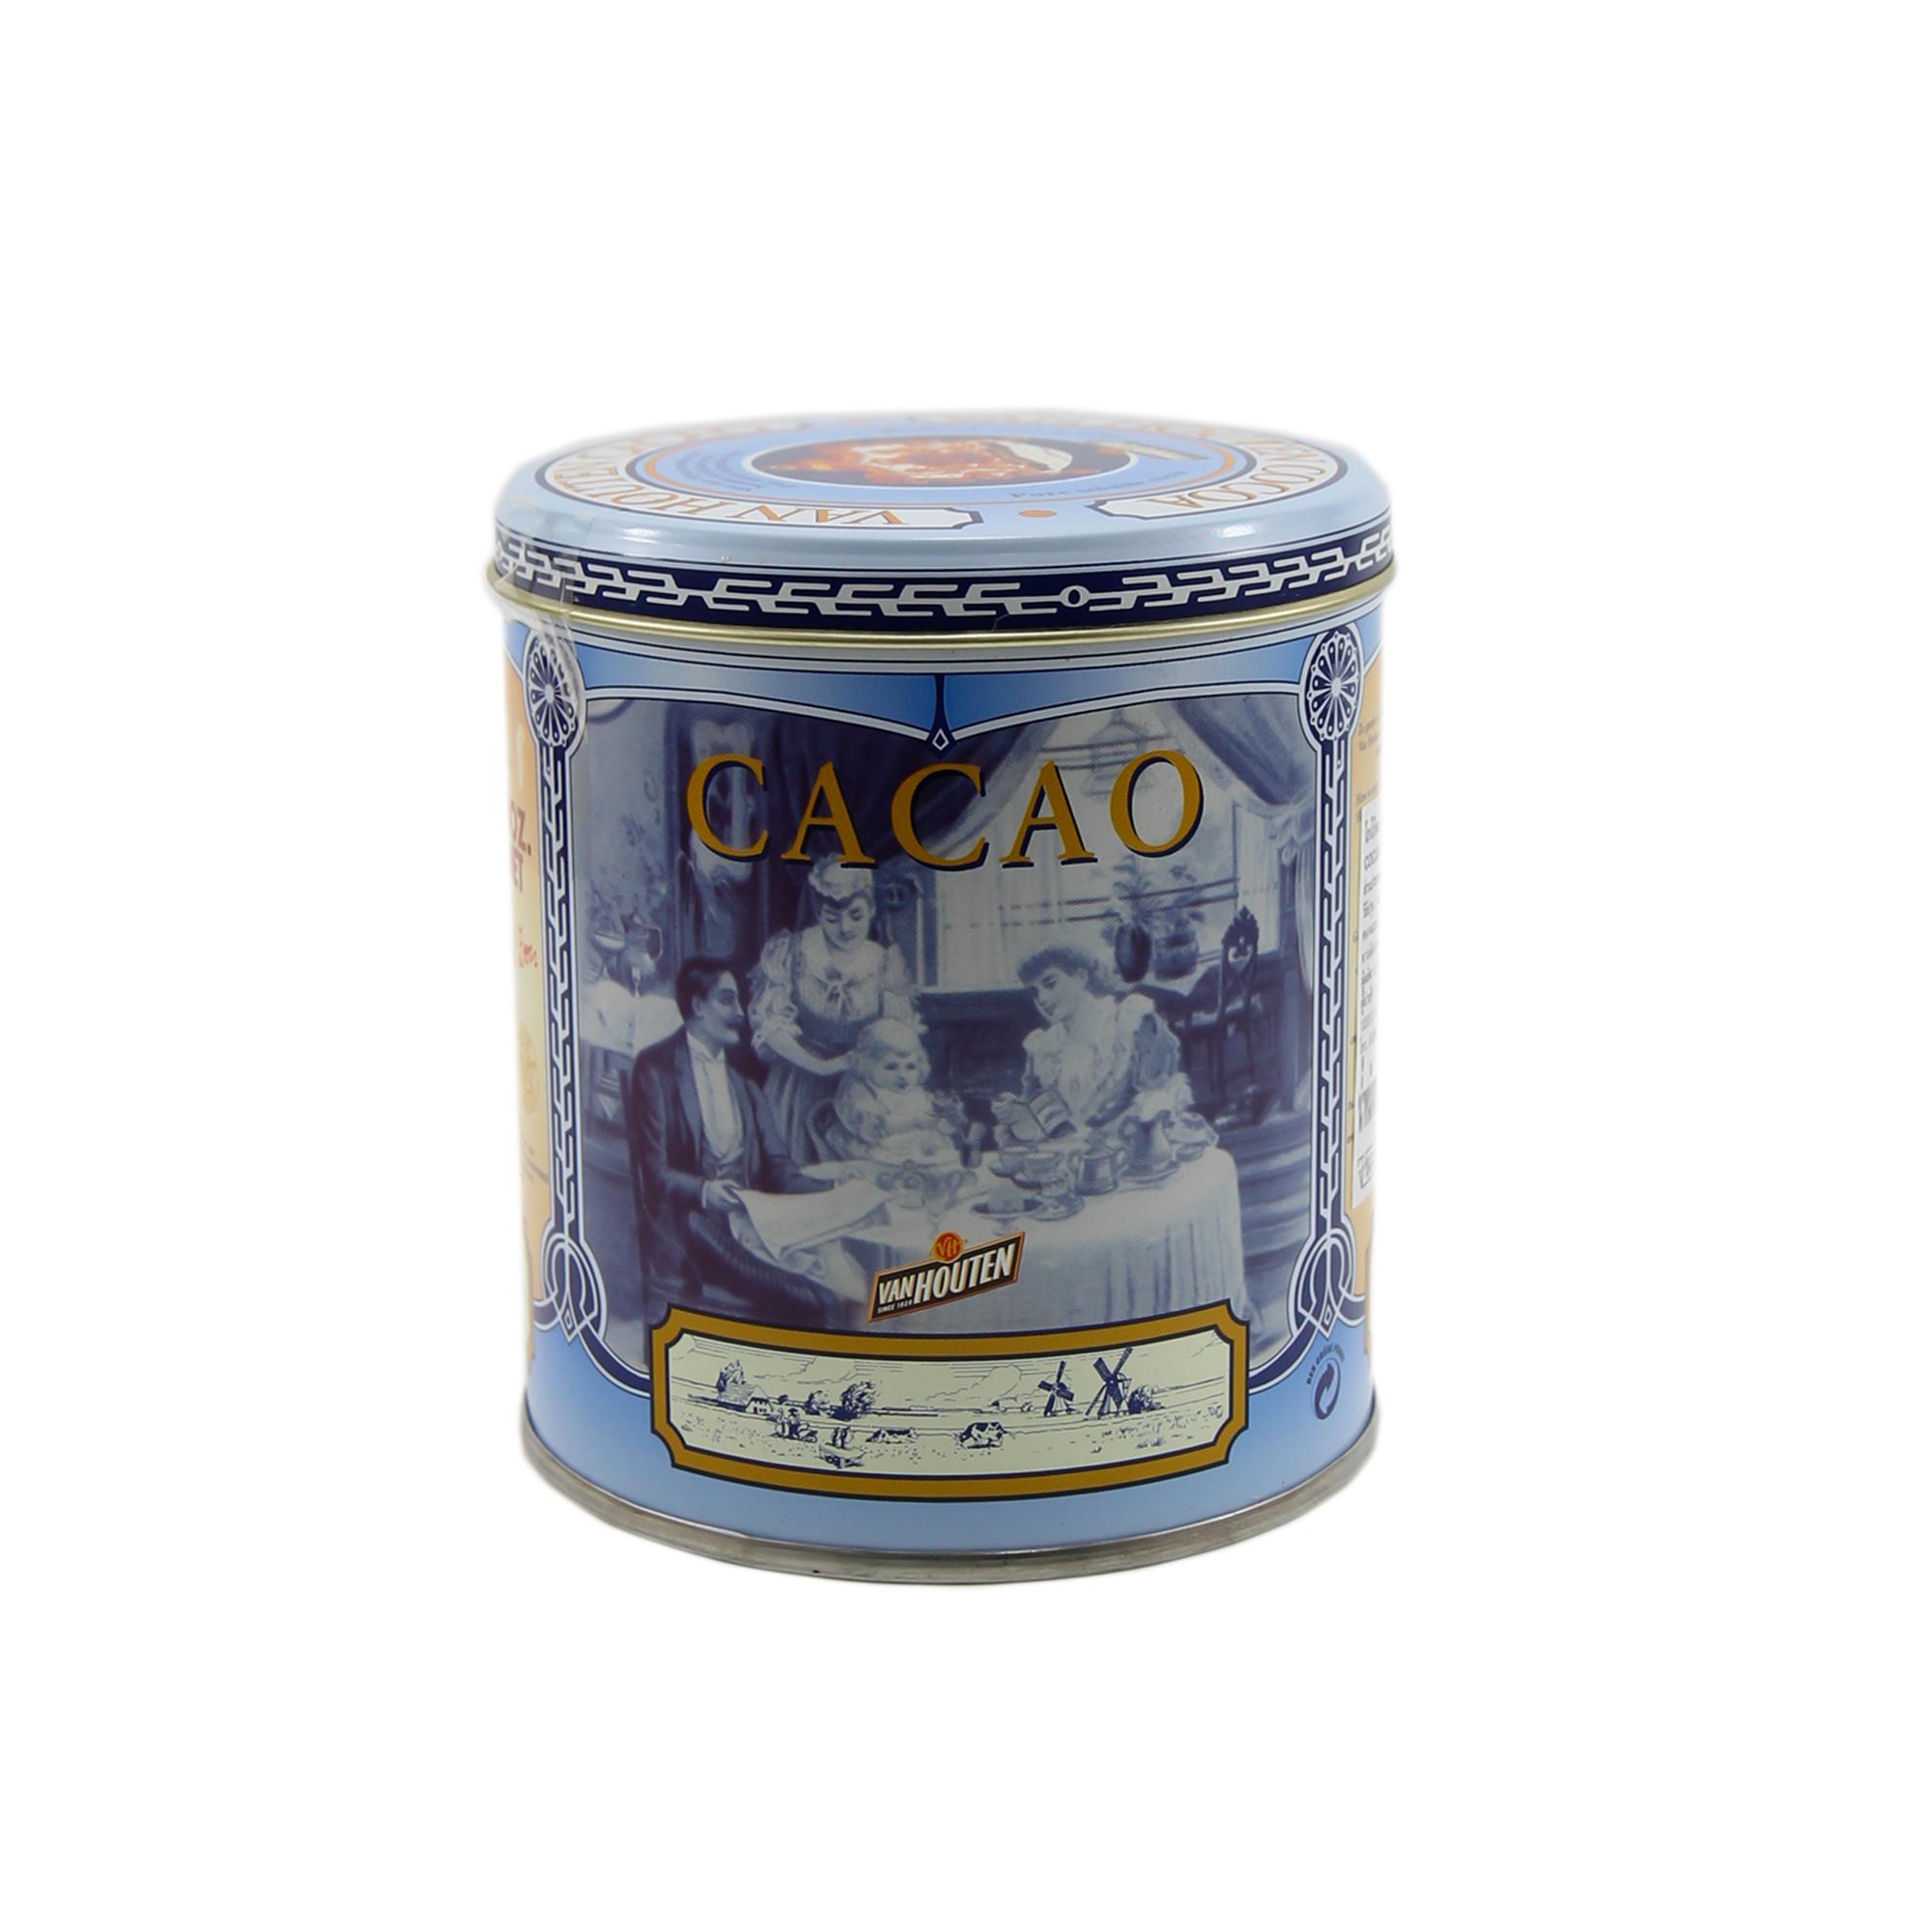 แวนฮูตัน ผงโกโก้ สีฟ้า (Van Houten Cocoa powder ) 250 g